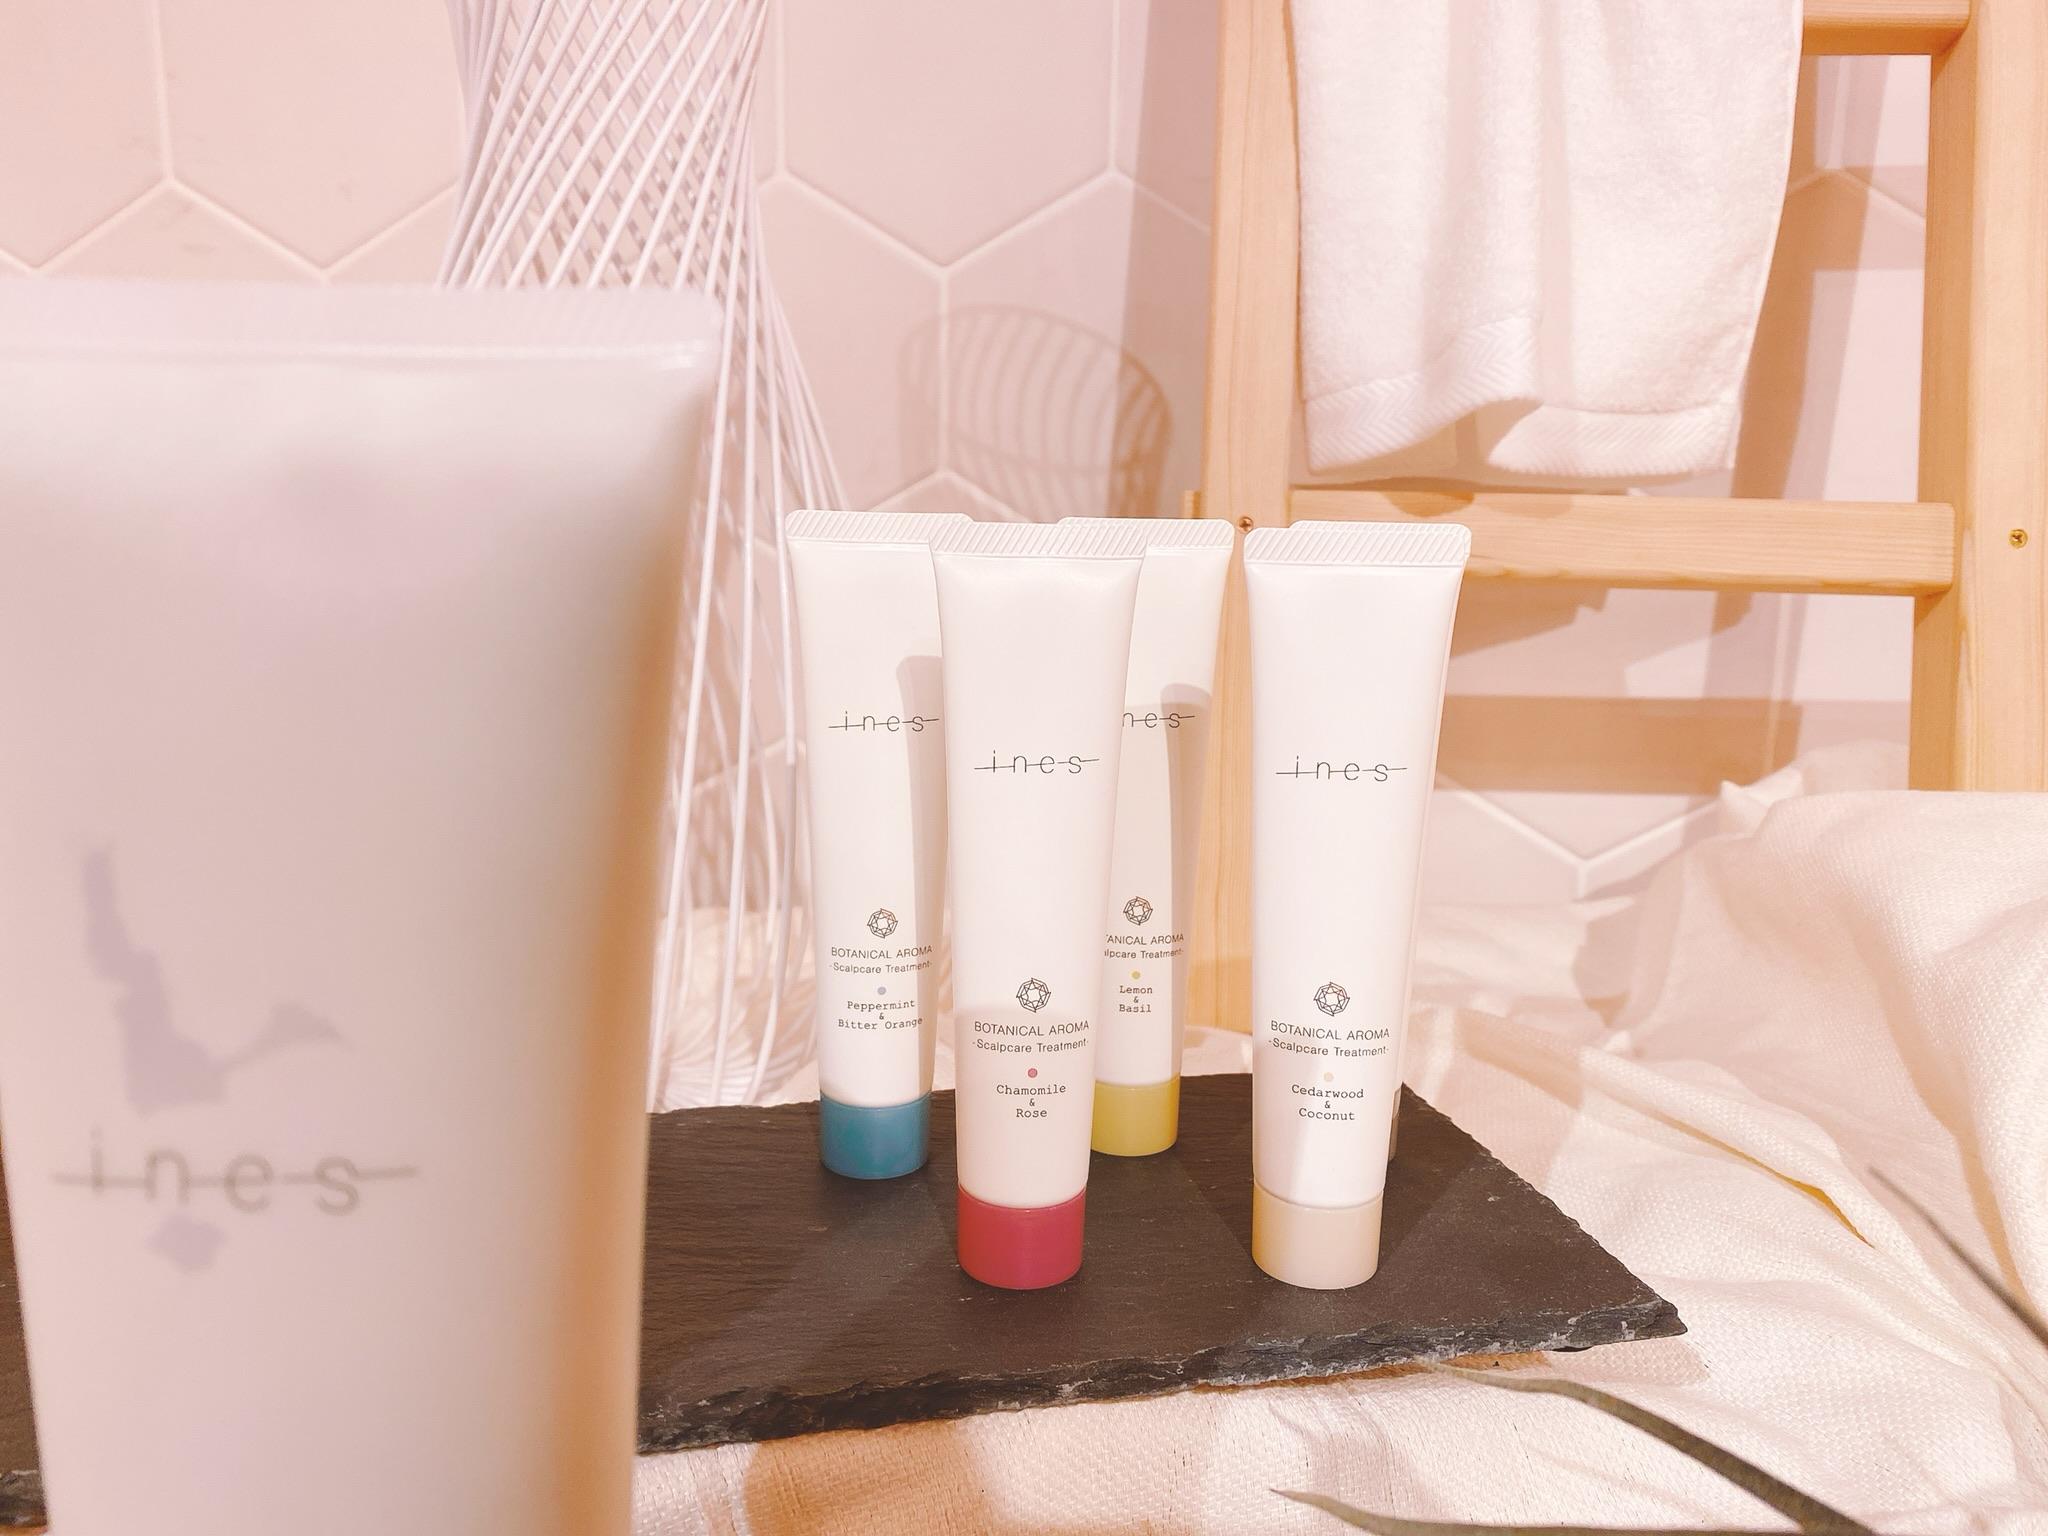 頭皮ケアに着目した新ブランド「ines(イネス)」のシャンプートリートメントで頭皮を健康に♡_3